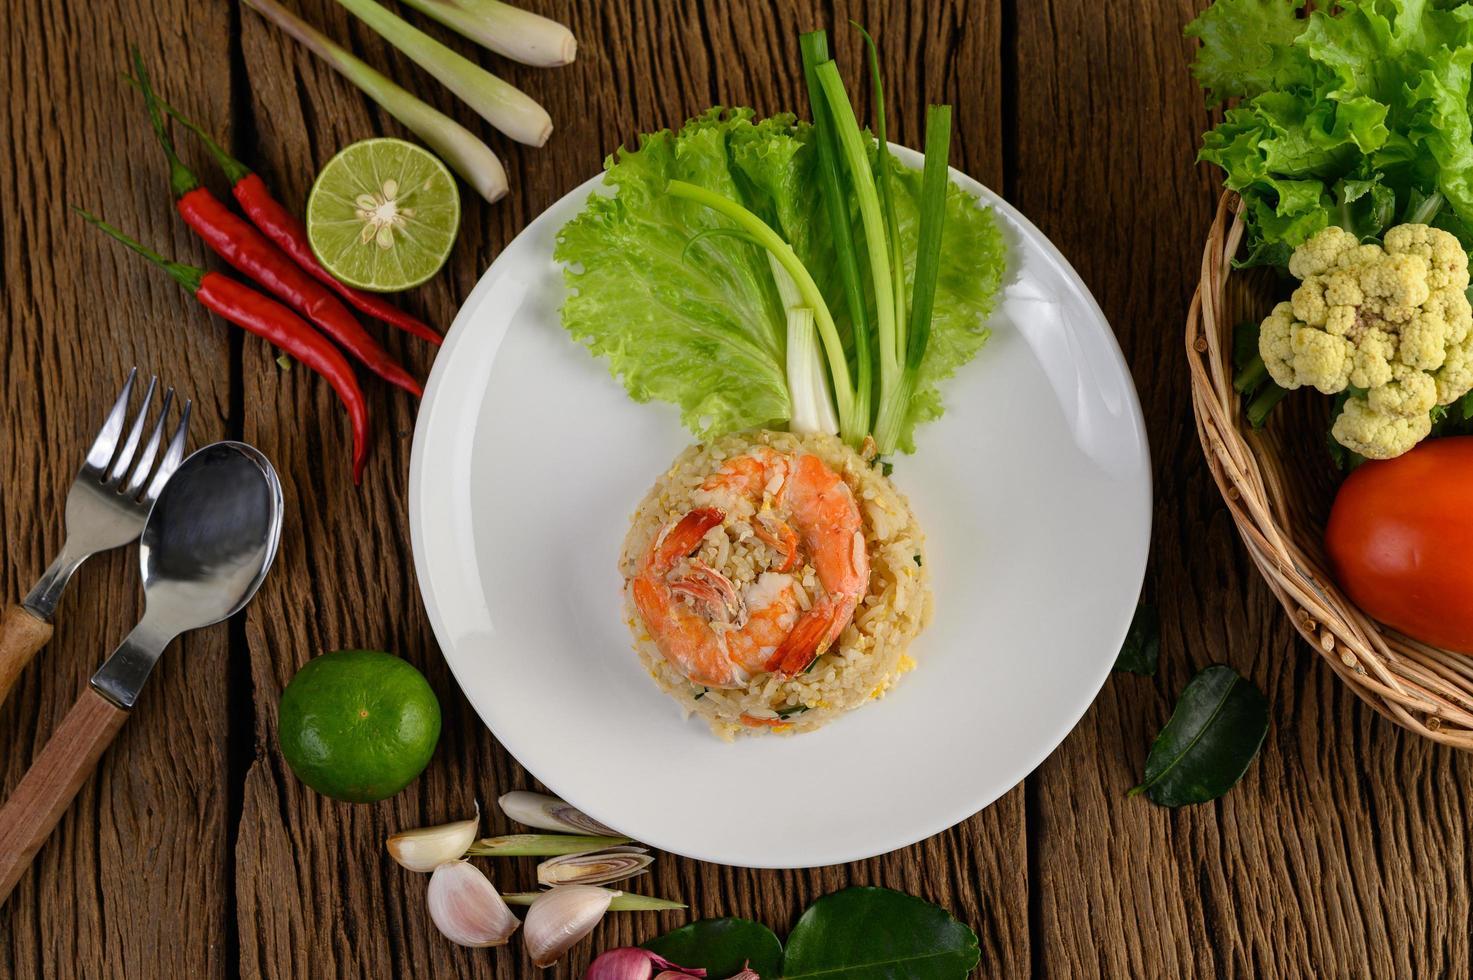 camarão arroz frito em travessa branca foto